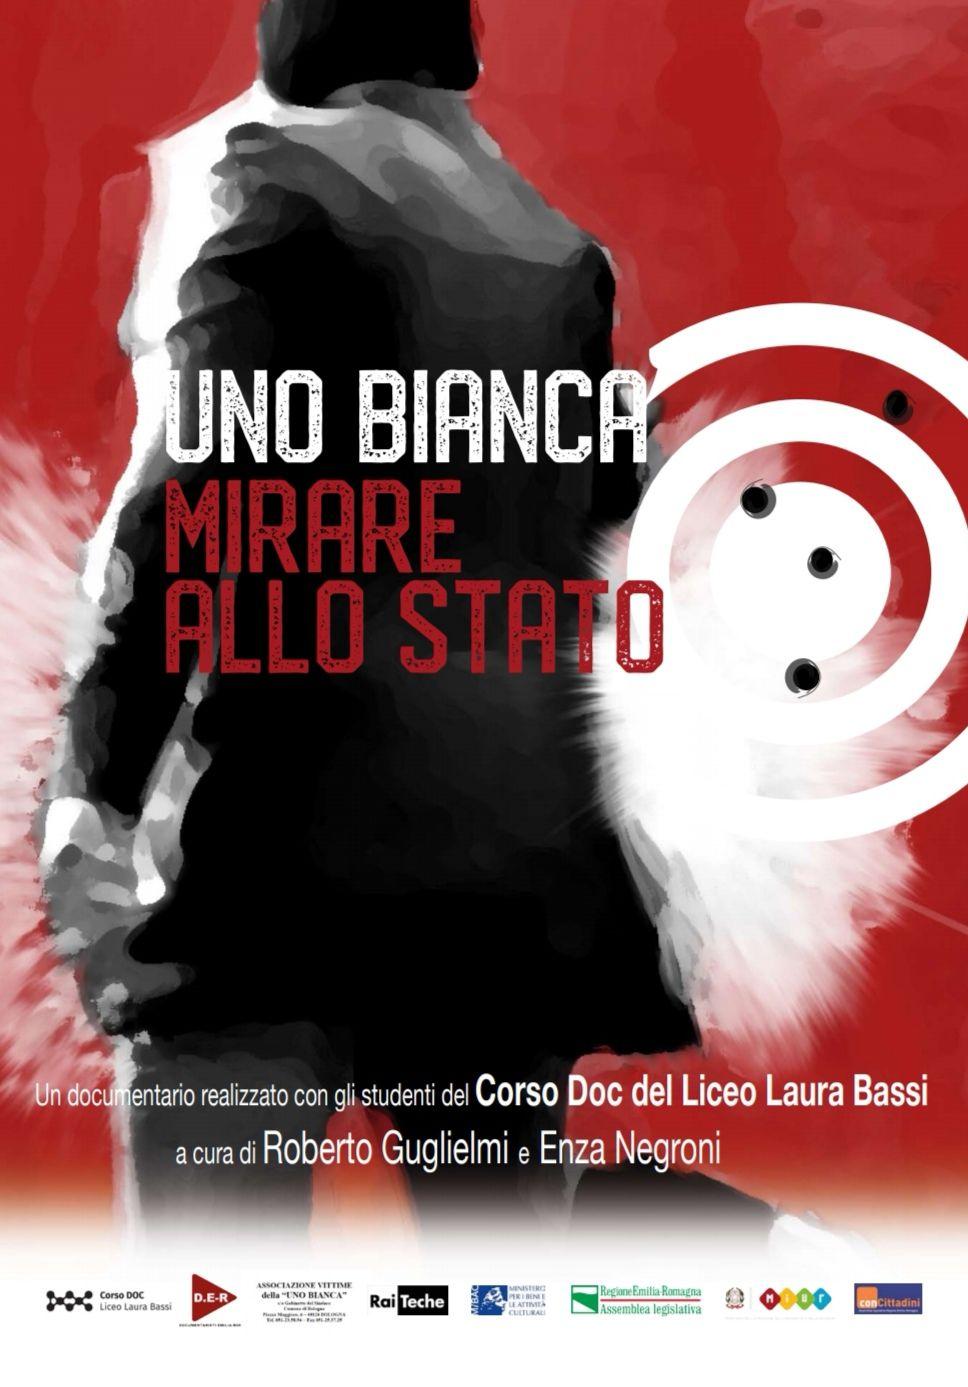 Bologna, al cinema Uno Bianca Mirare allo Stato